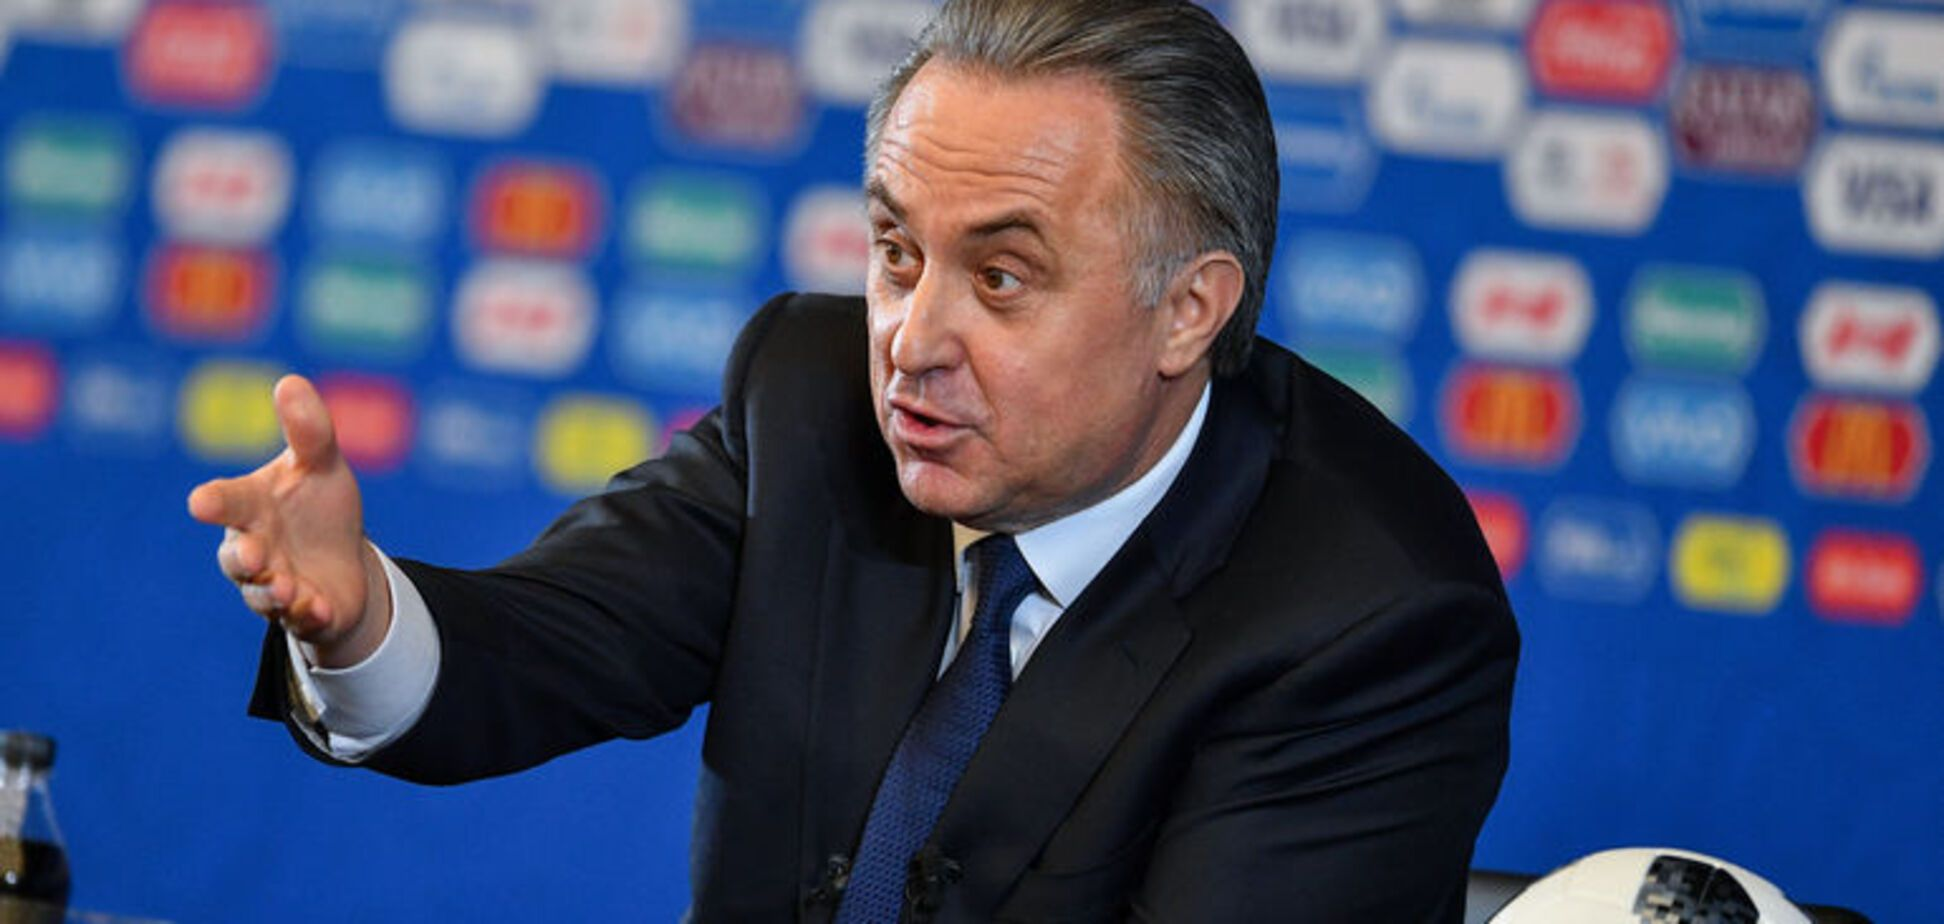 Мутко спровоцировал кровавое побоище на Евро-2016